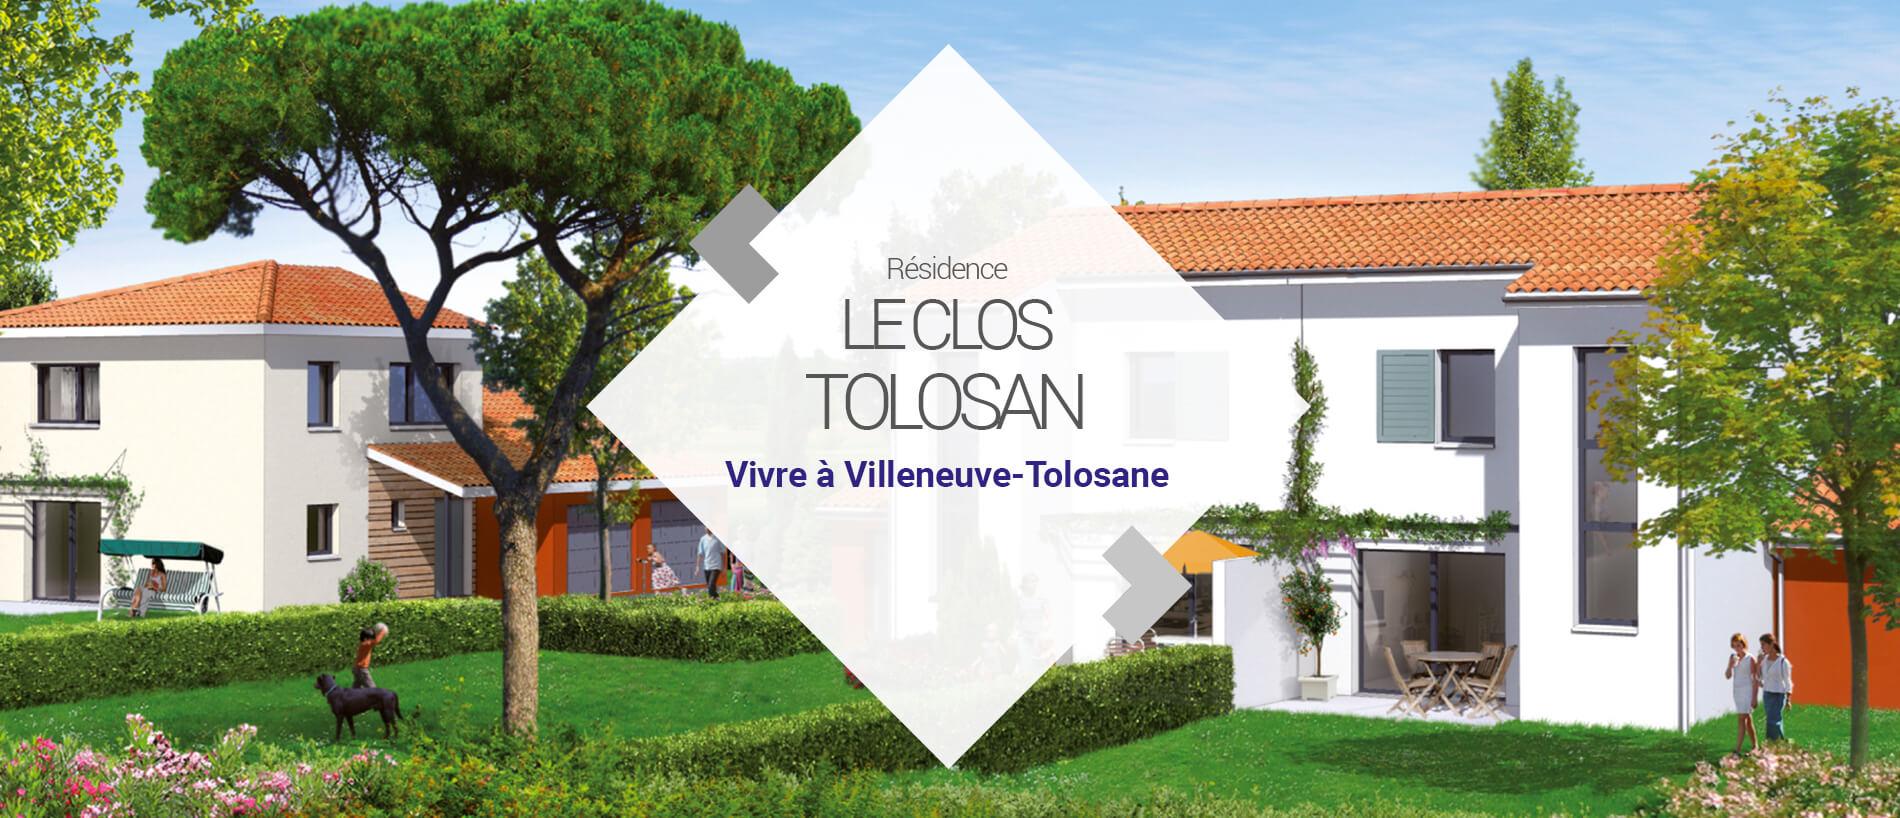 BG Promotion - Slide Vidéo 3D - Le Clos Tolosan